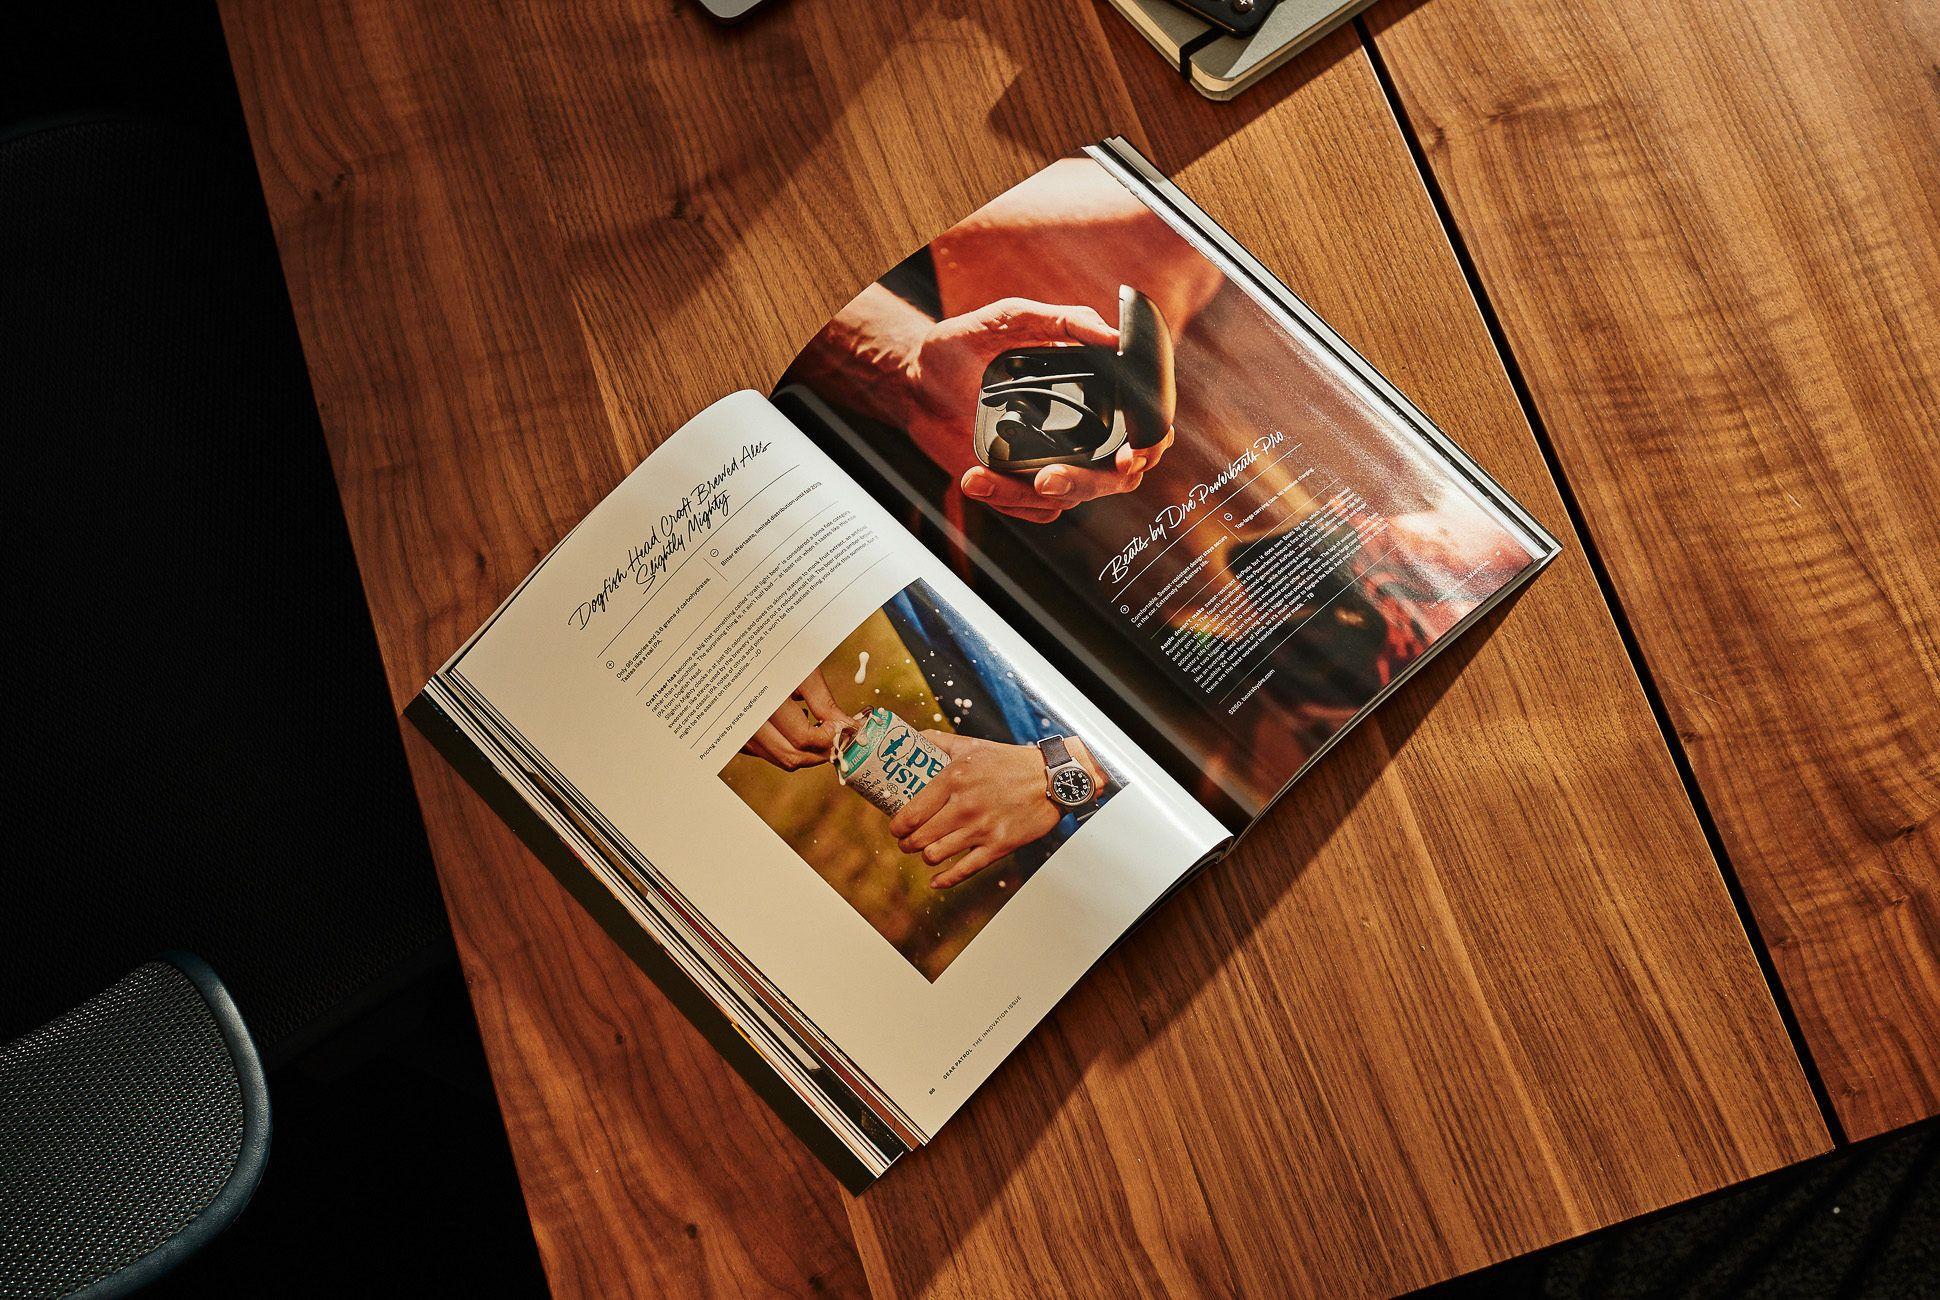 Gear-Patrol-Magazine-Issue-10-Gear-Patrol-Slide-7